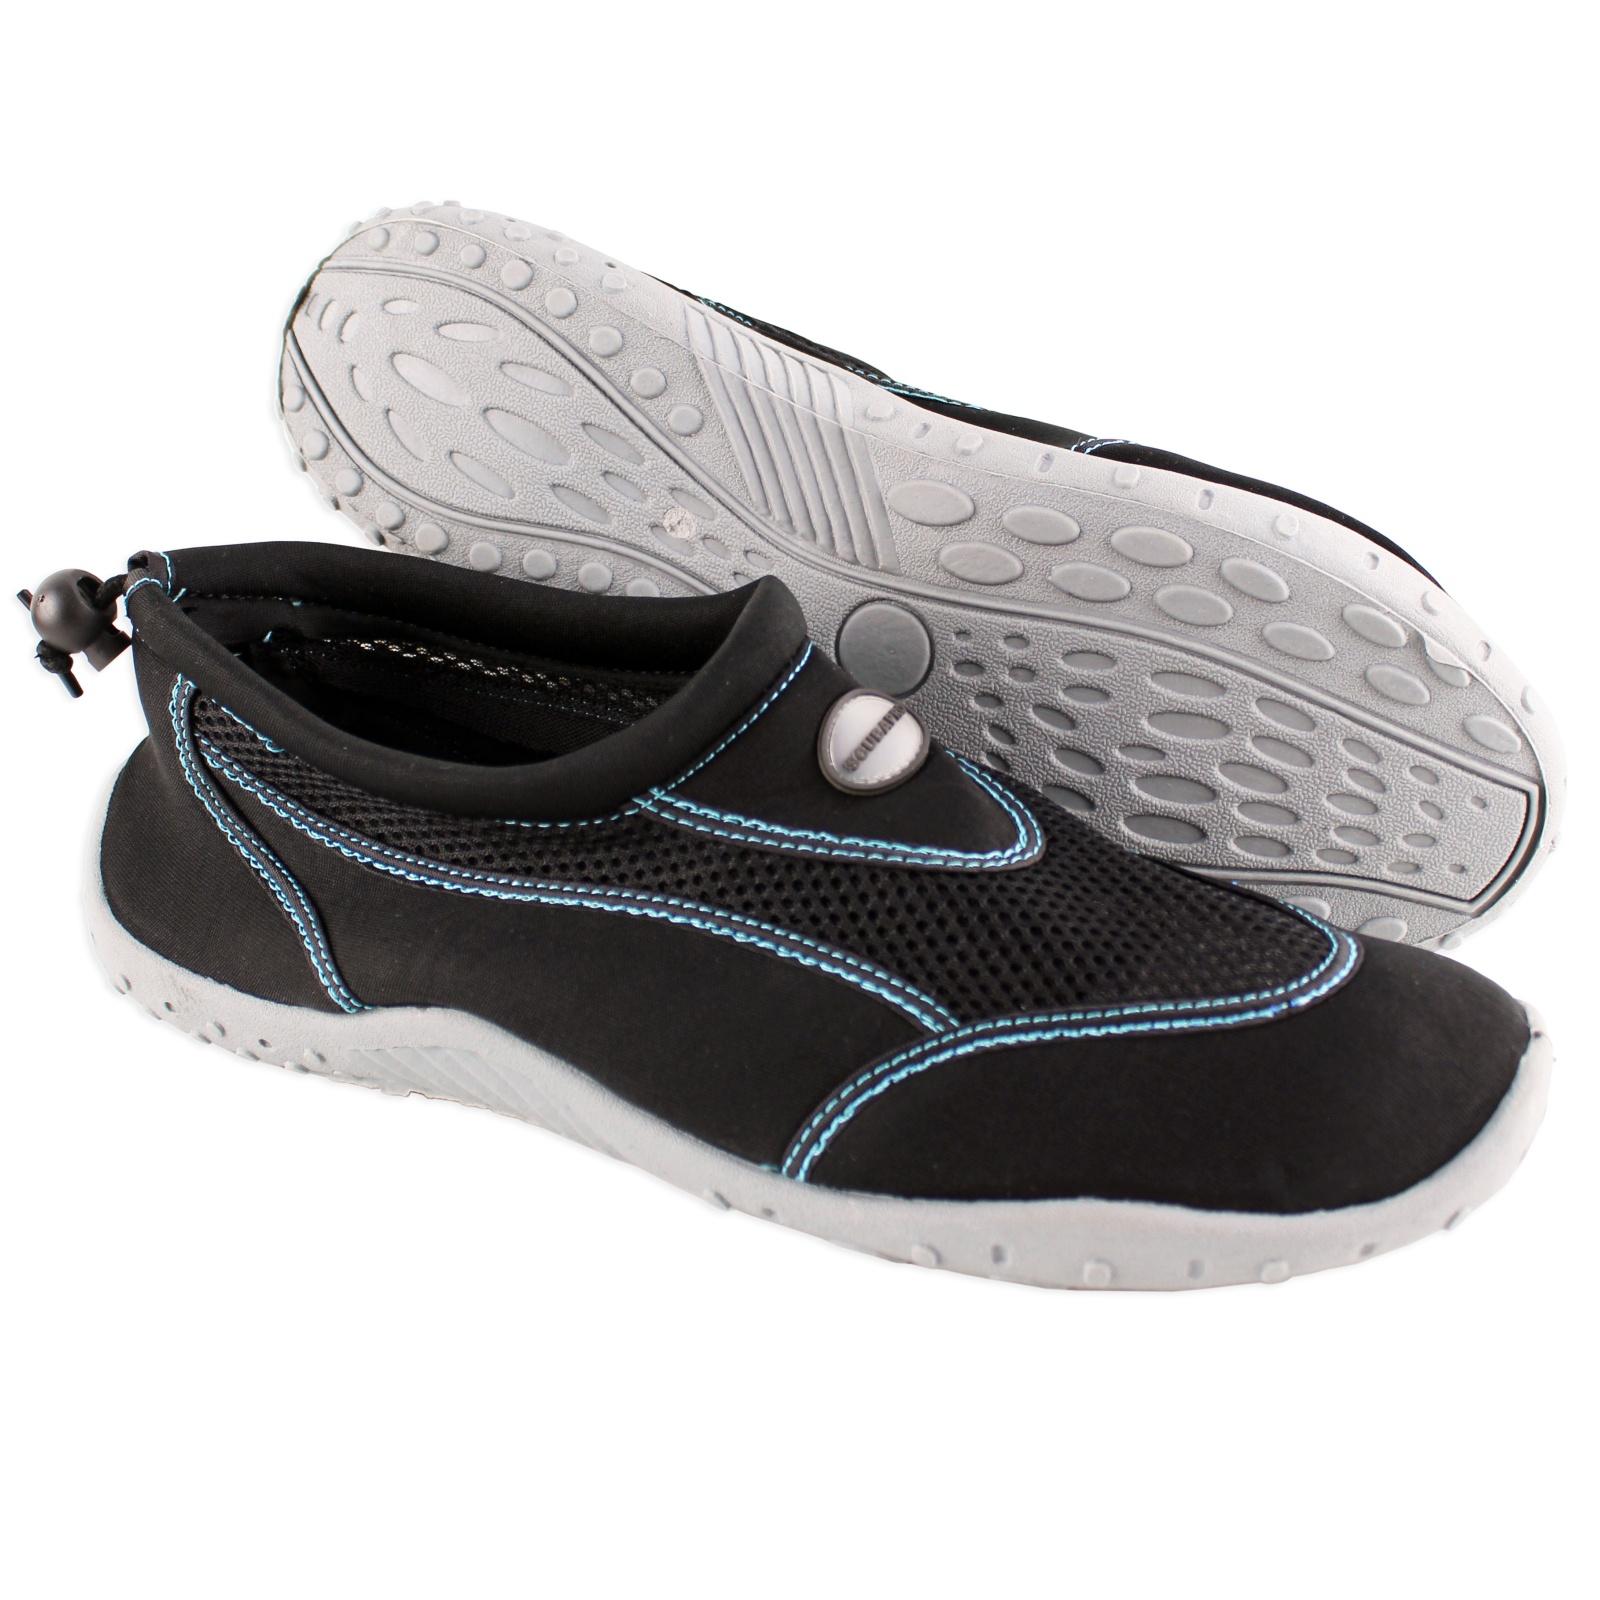 Neoprenové topánky SCUBAPRO Kailua - veľ. 41